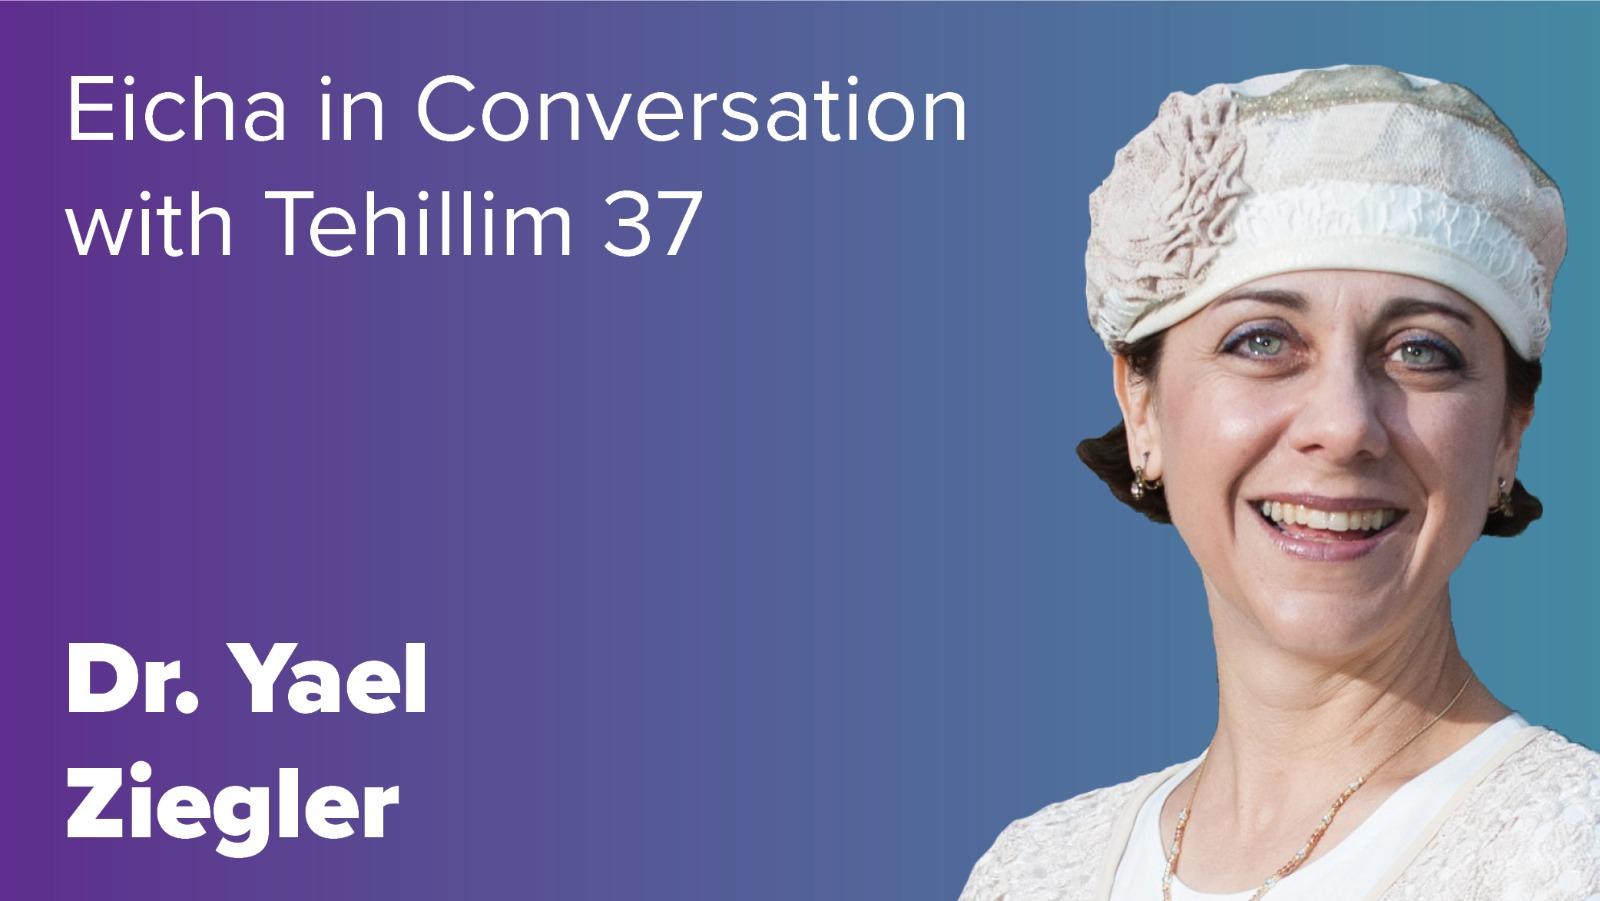 Eicha in Conversation with Tehillim 37